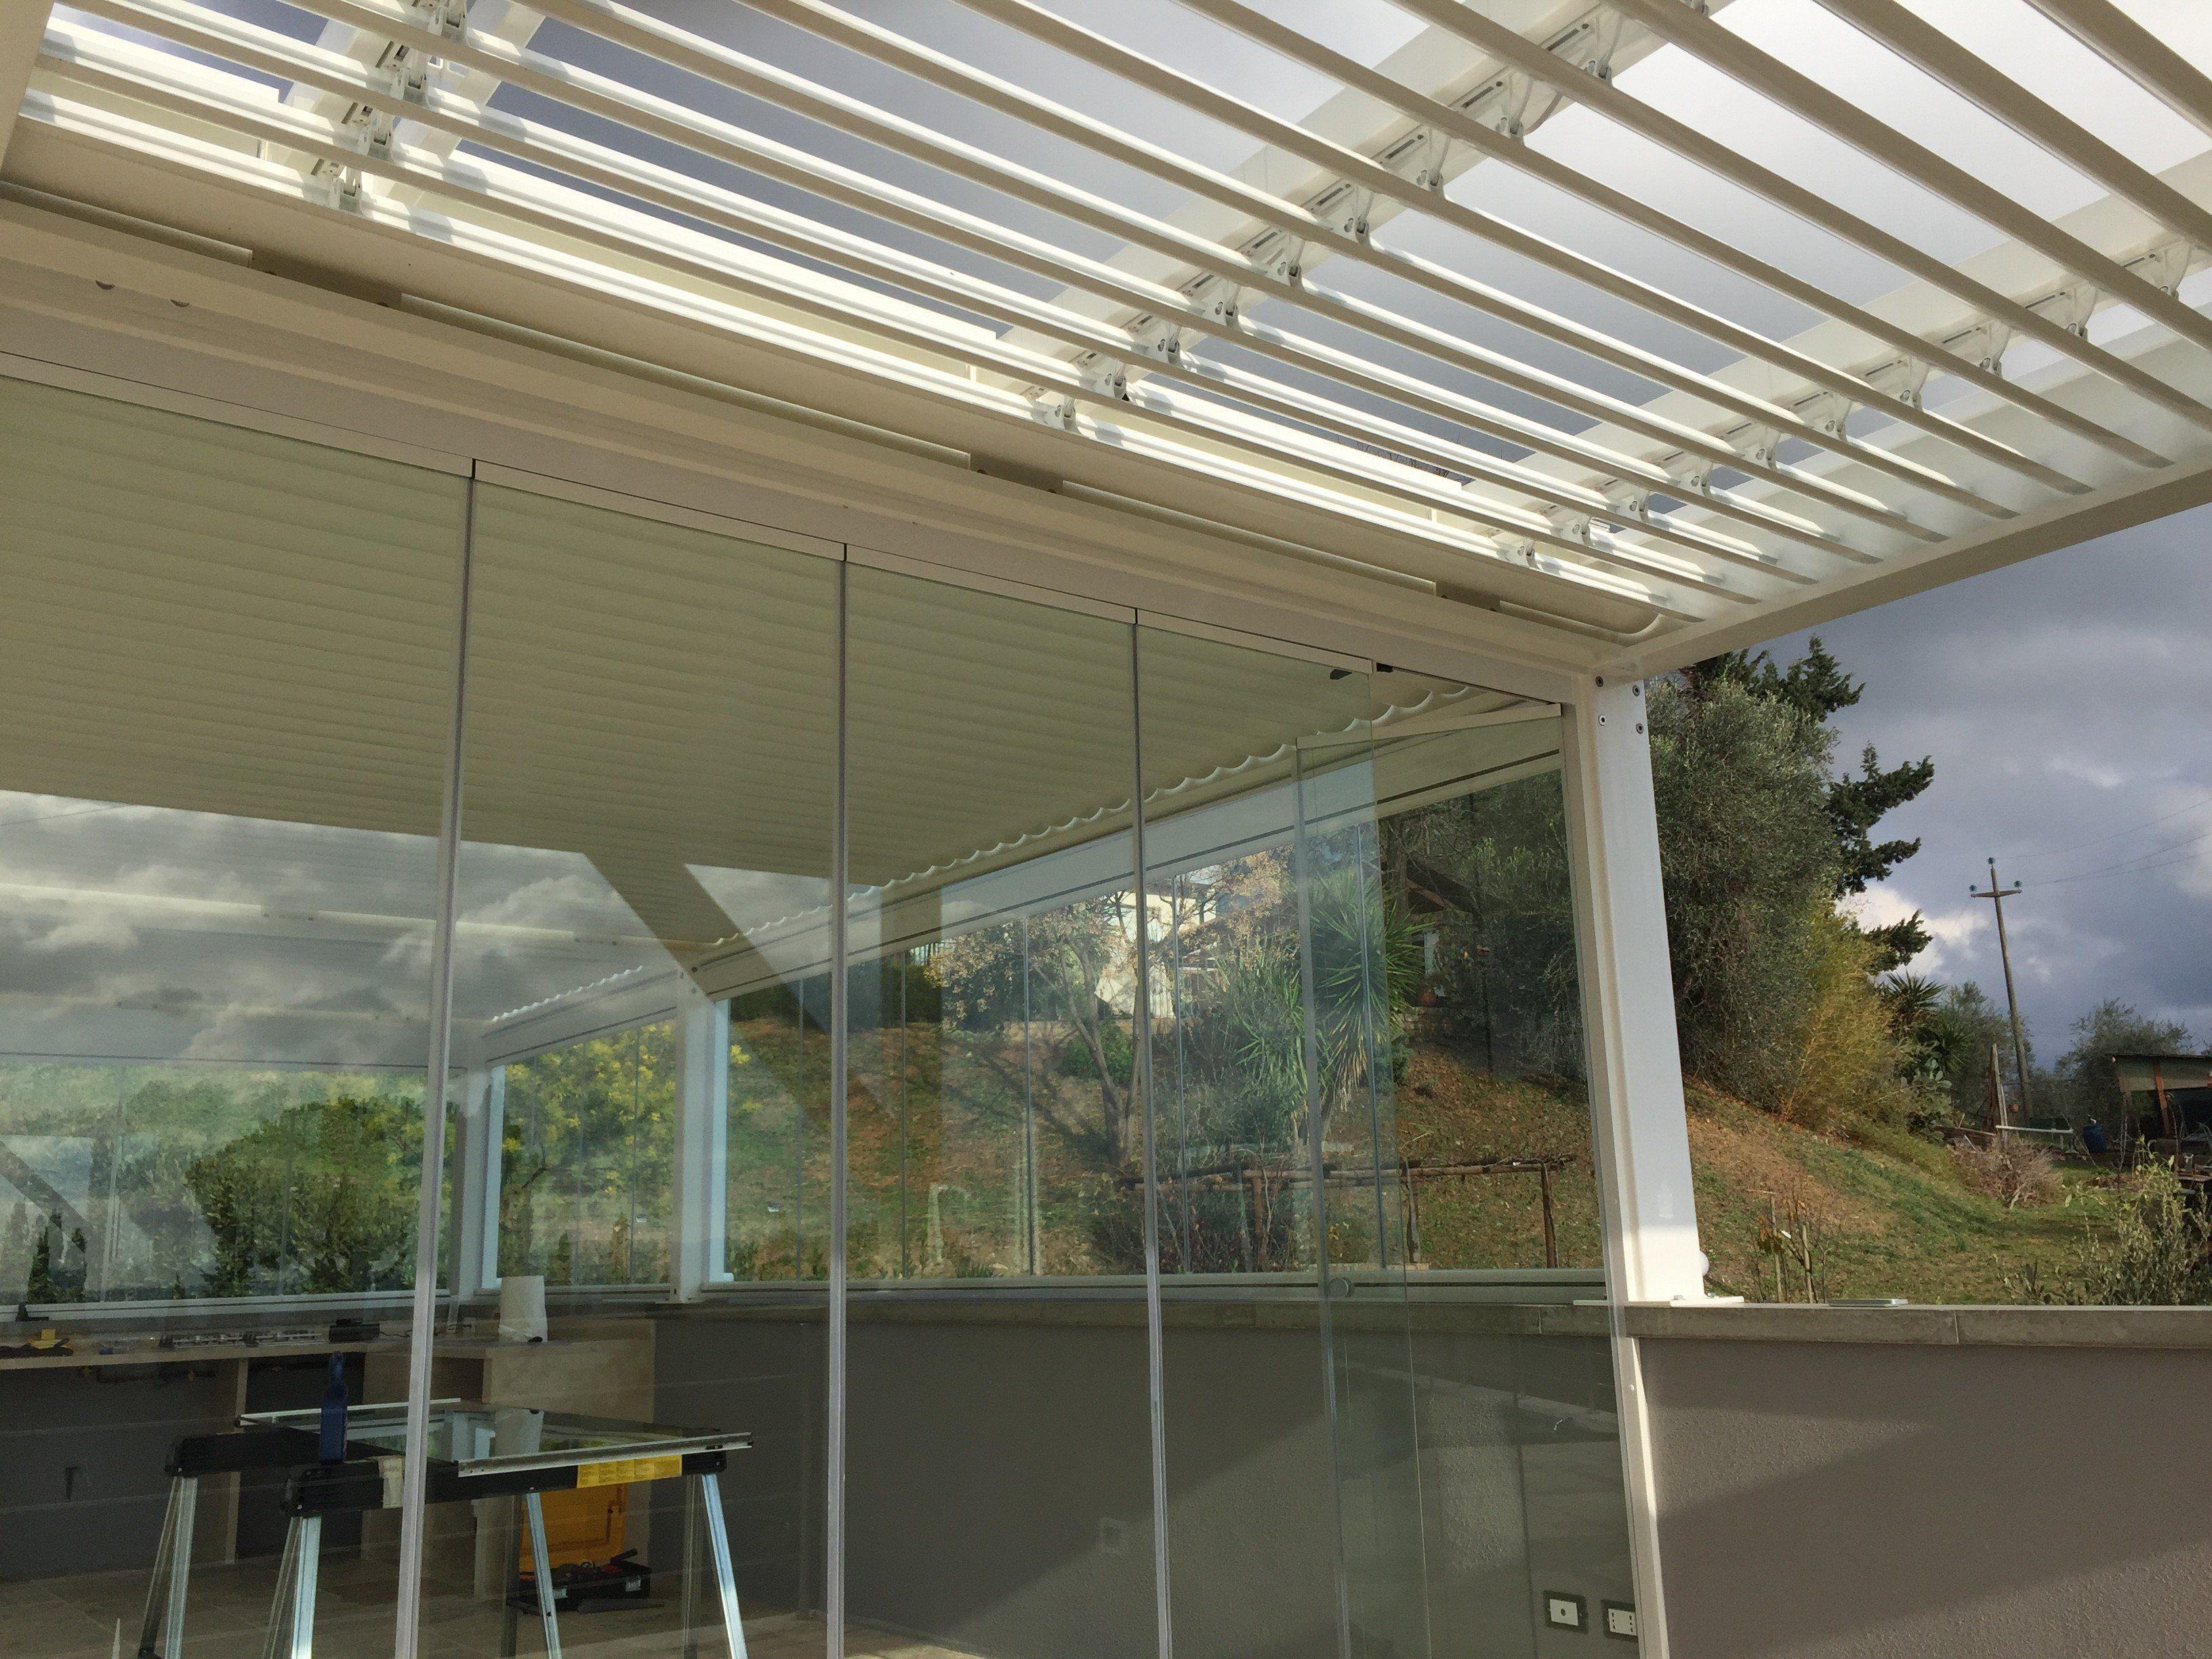 verande in ferro - Cerca con Google | Tettoie recinzioni pergole ...